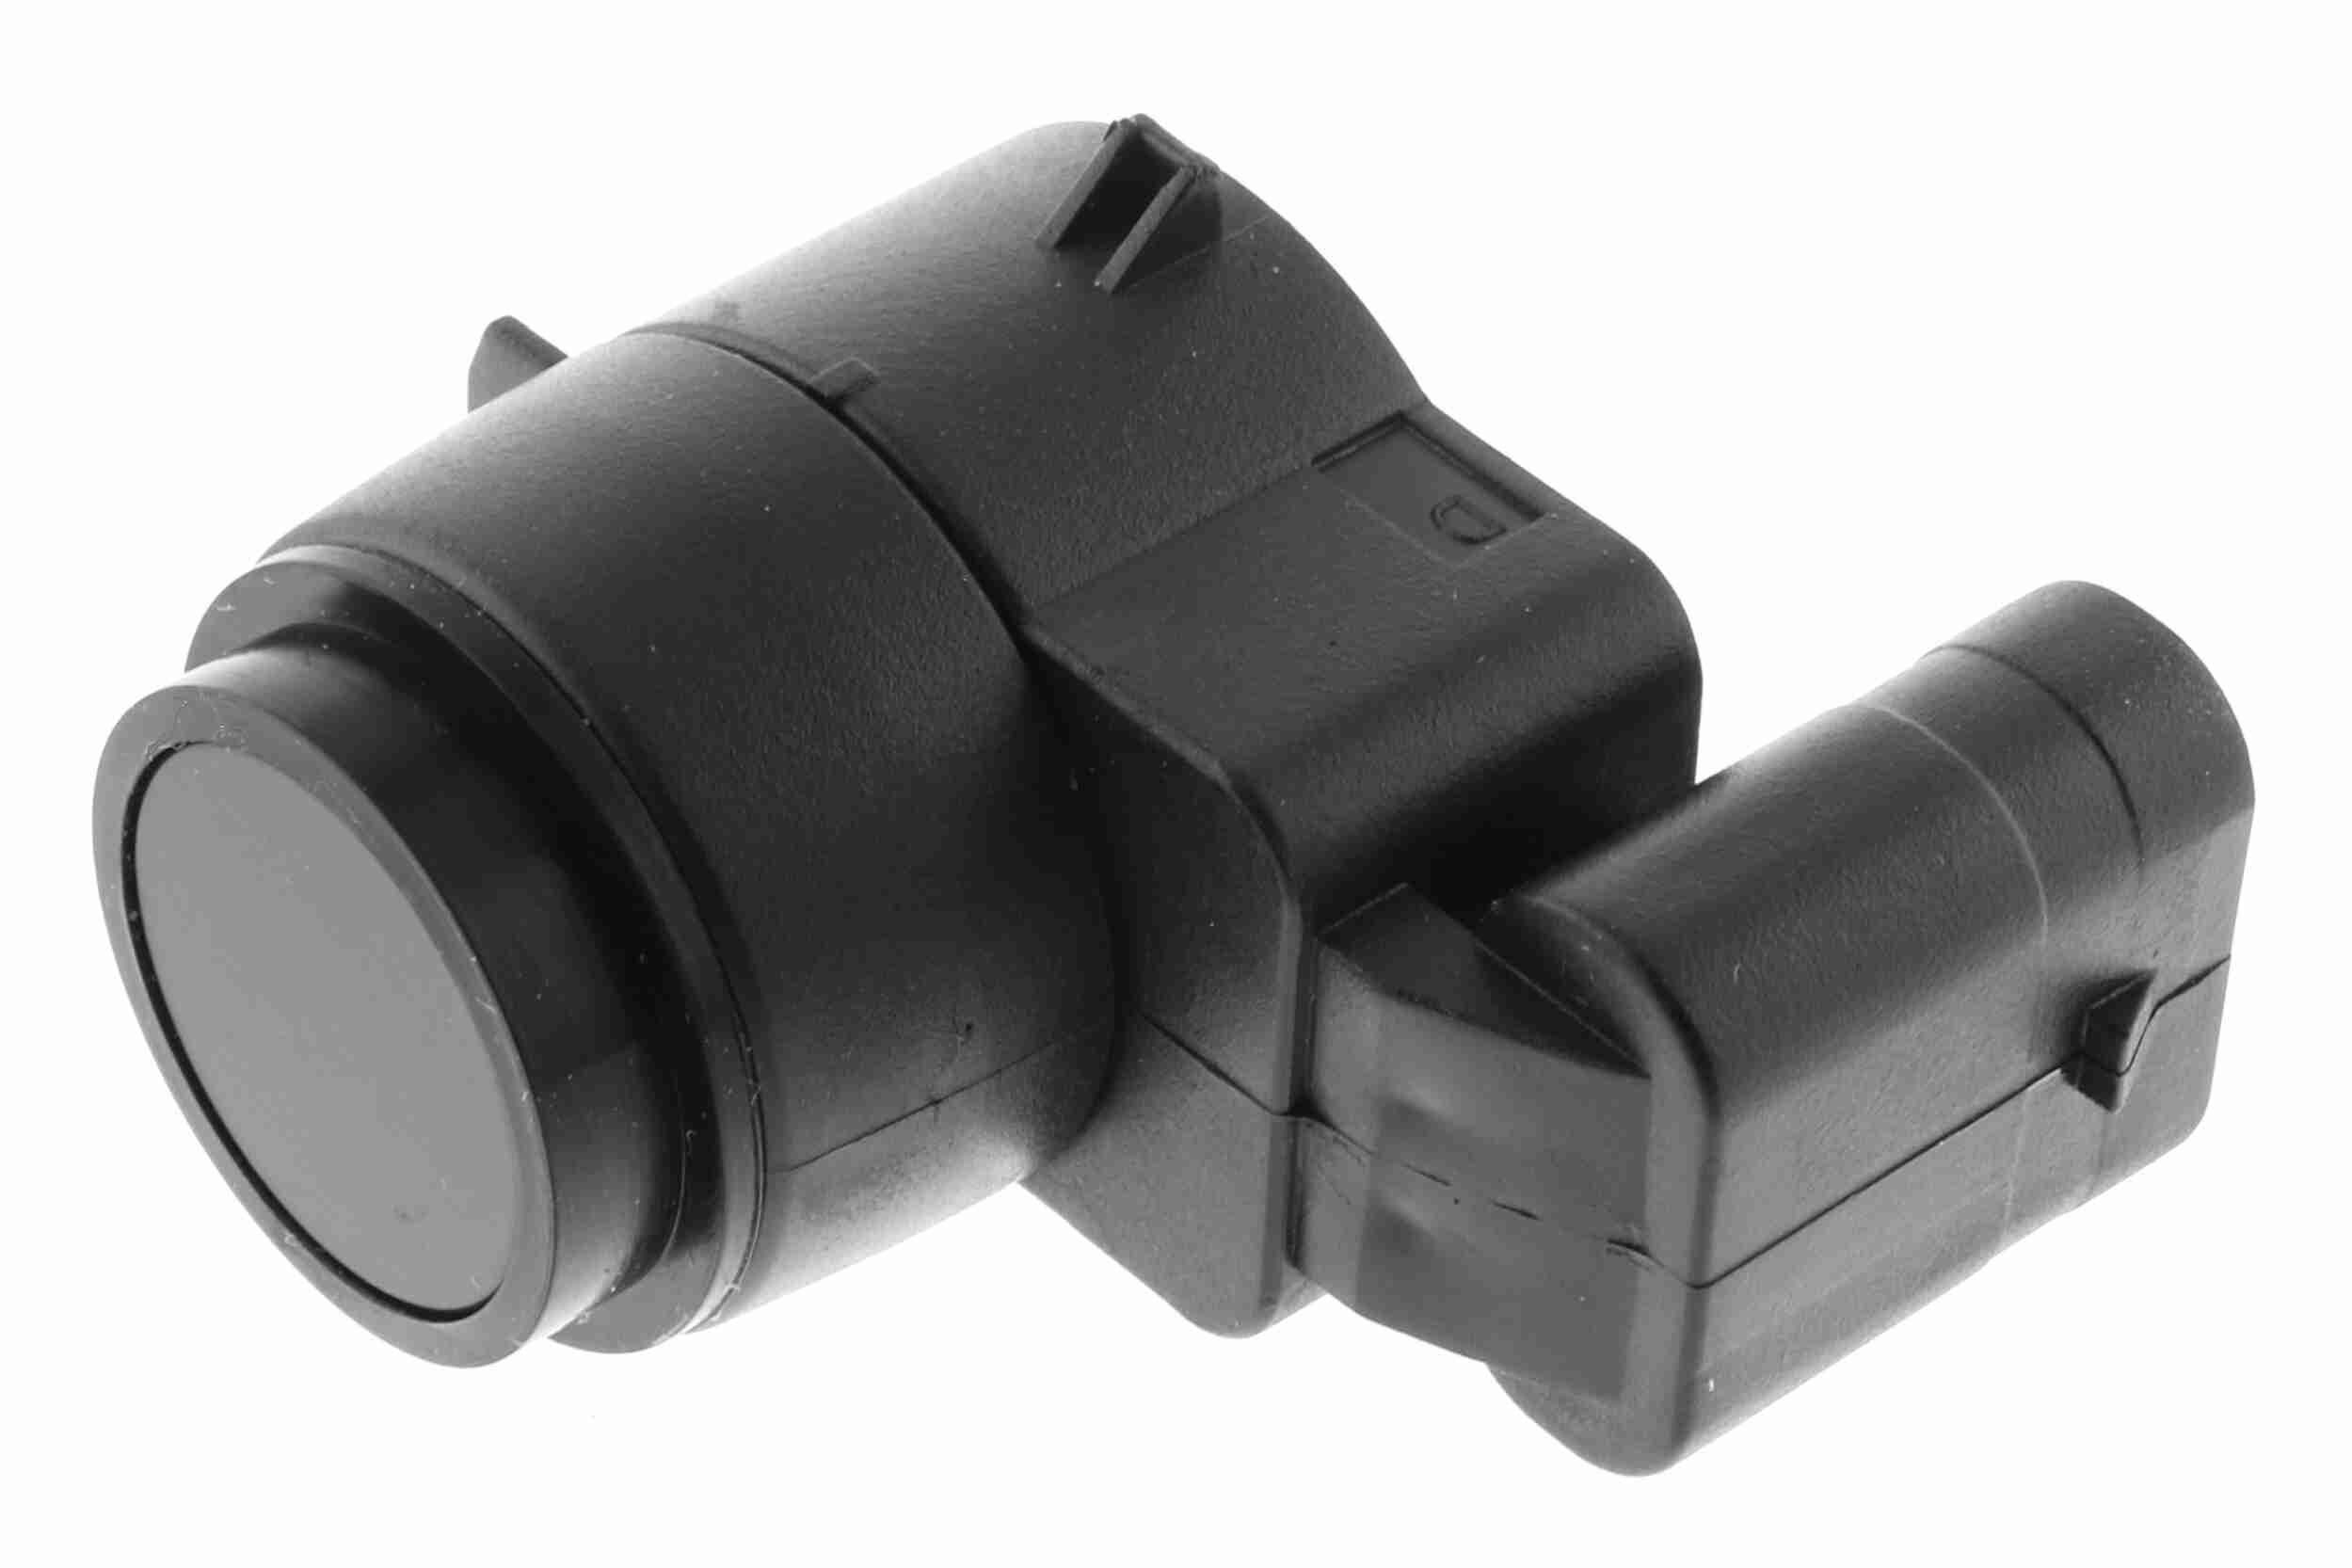 Sähköistys V20-72-0034 poikkeuksellisen hyvällä VEMO hinta-laatusuhteella